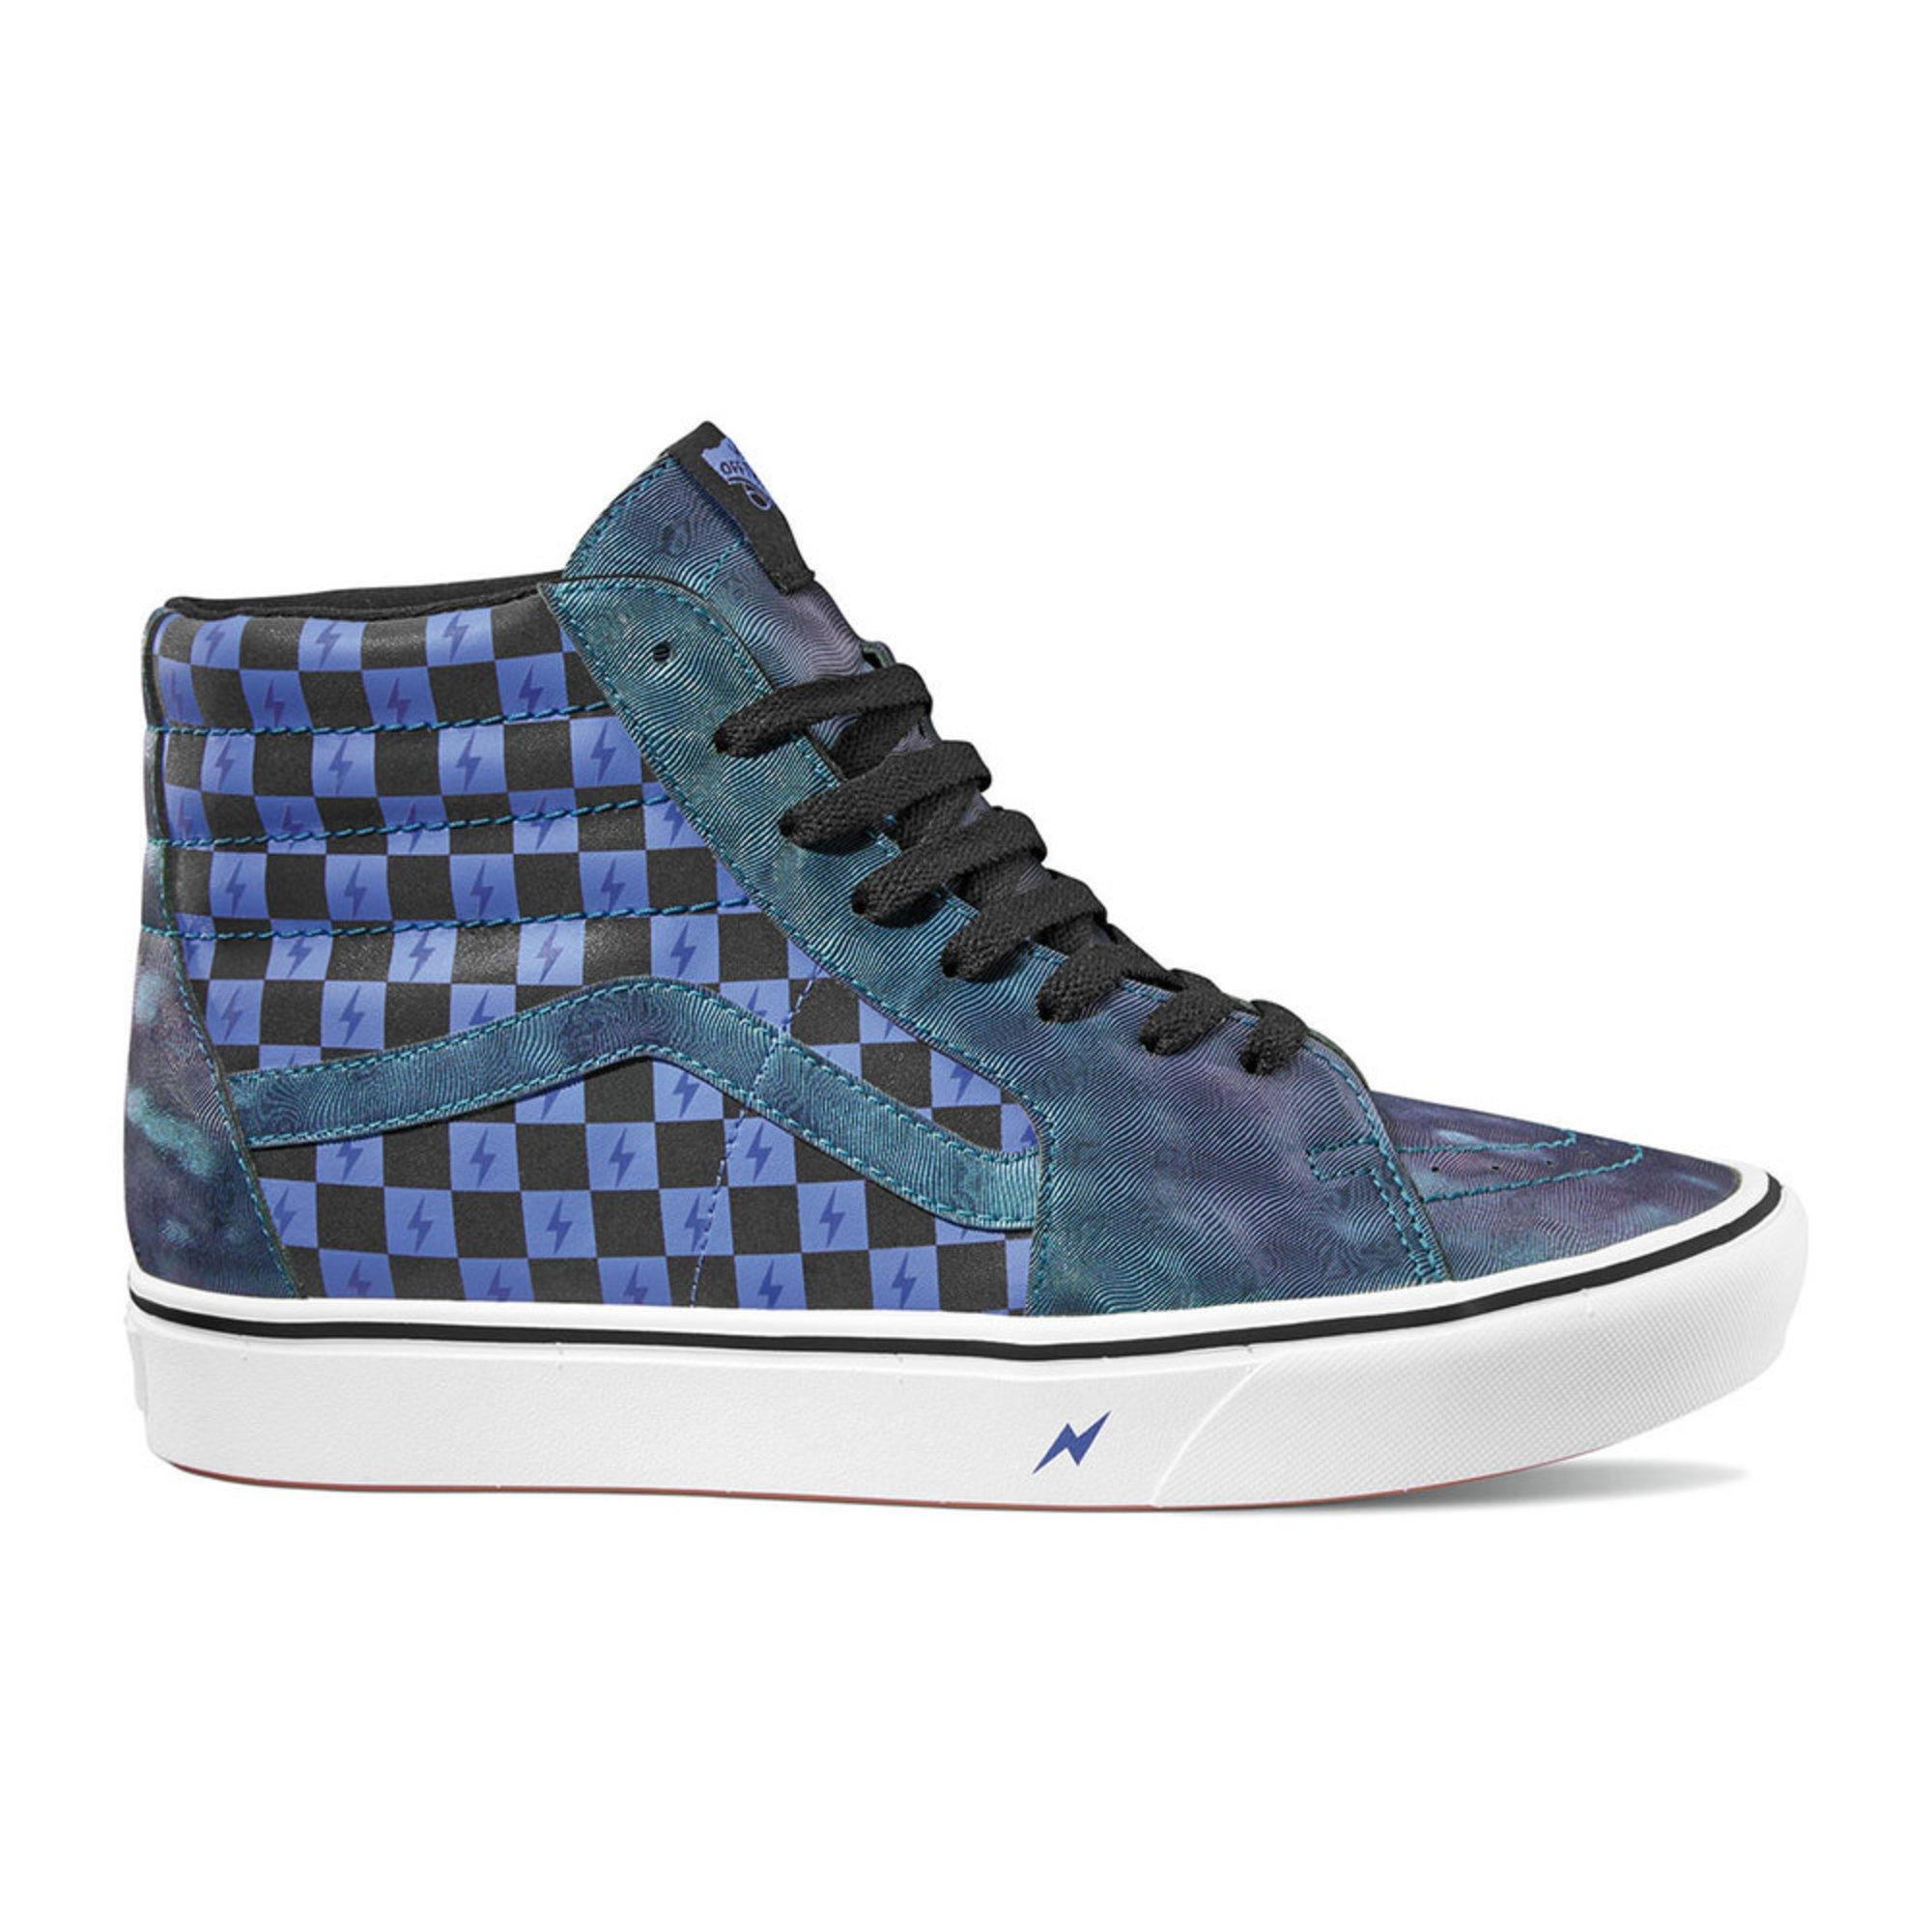 promo code d94e7 93c84 Vans Unisex Comfycush Sk8-hi Harry Potter Collection Skate Shoe ...